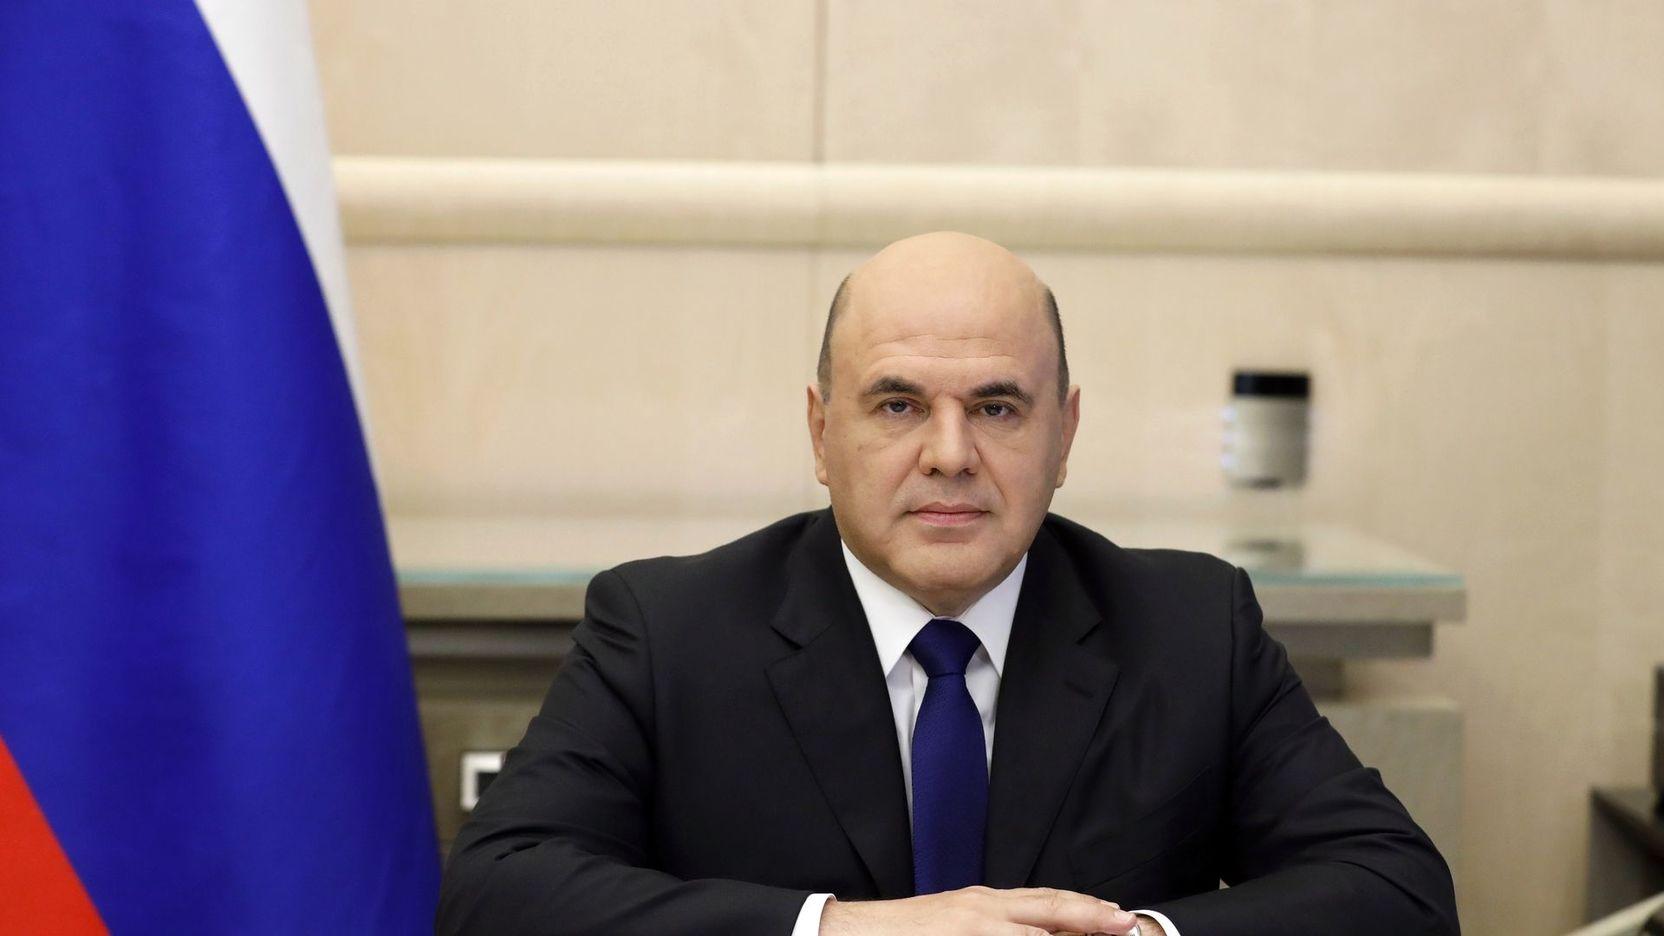 Правительство направит 1 млрд рублей на поддержку туроператоров